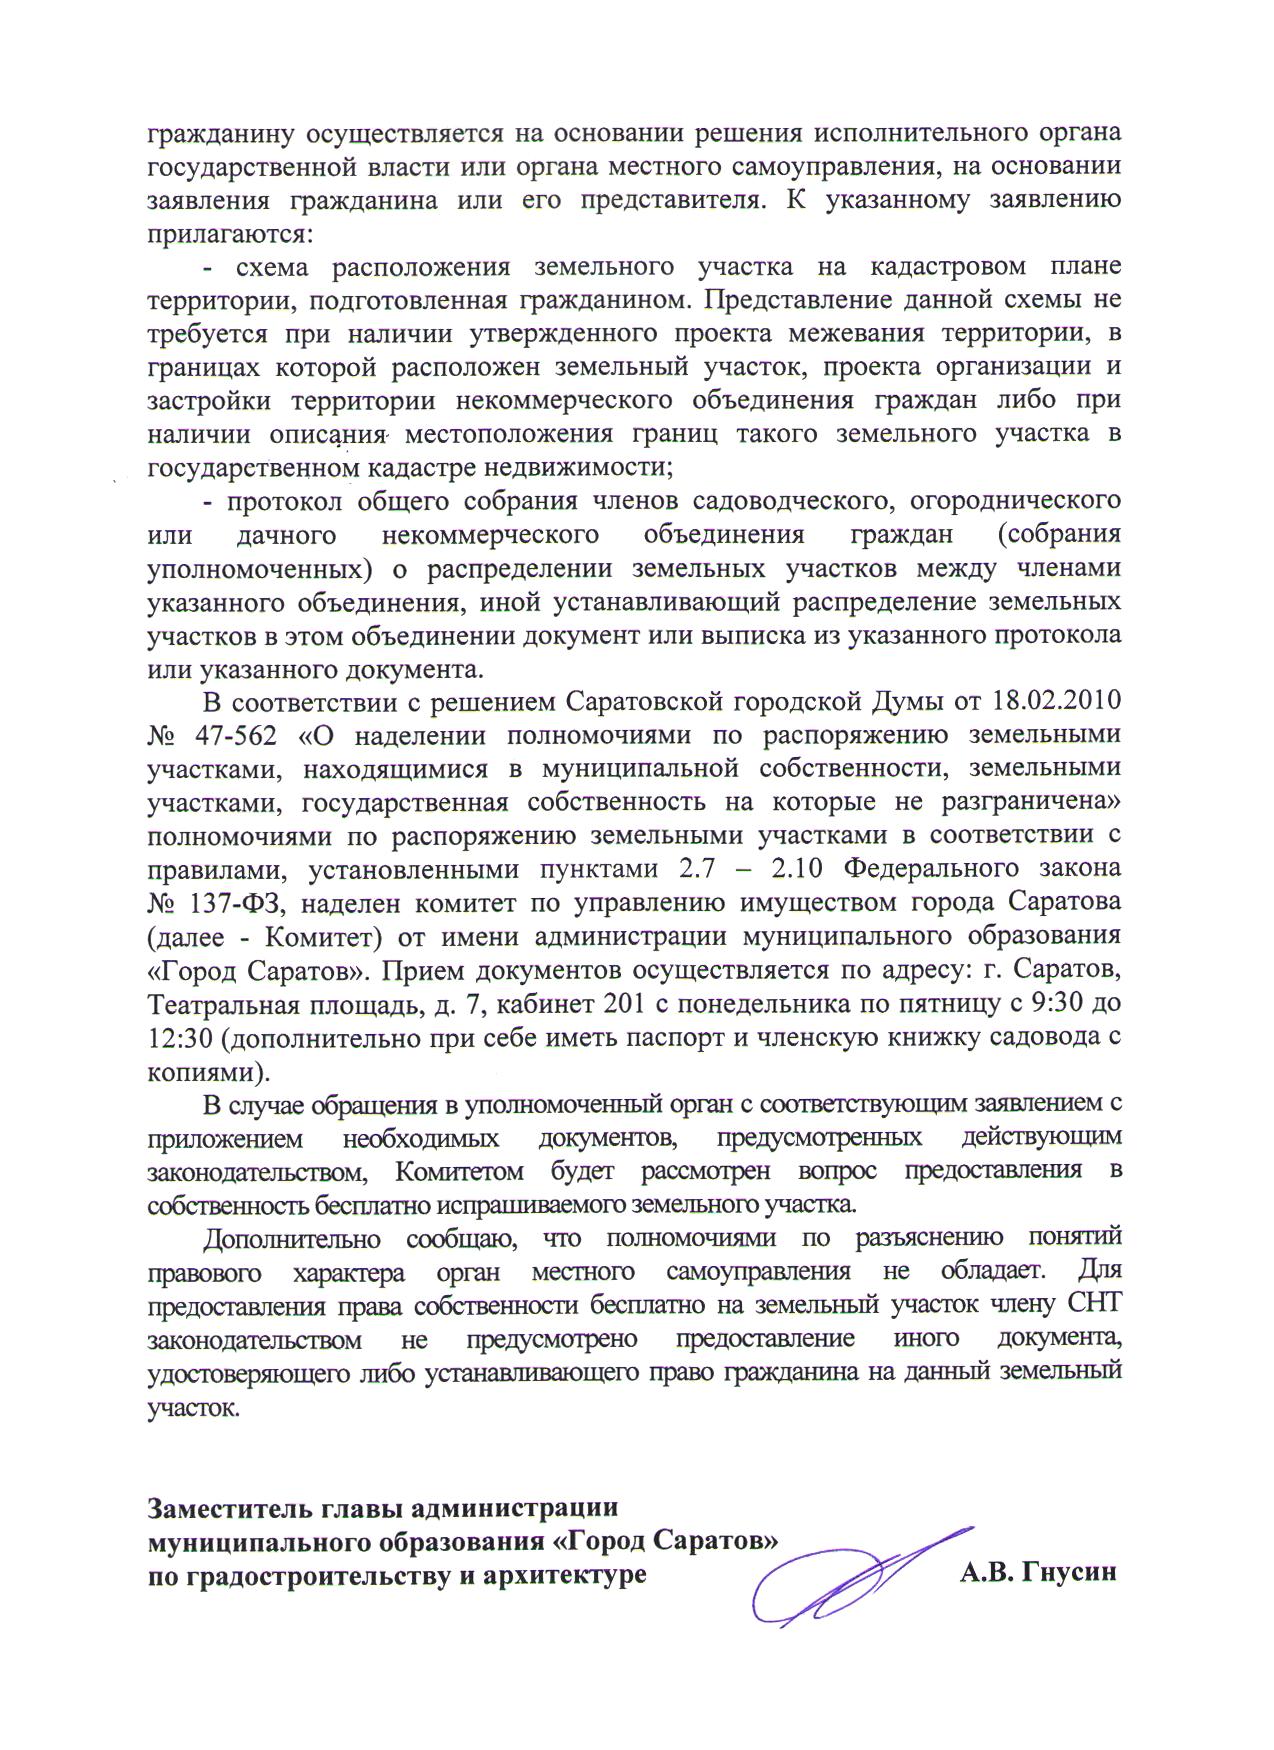 Договор дарения земельного участка внуку образец